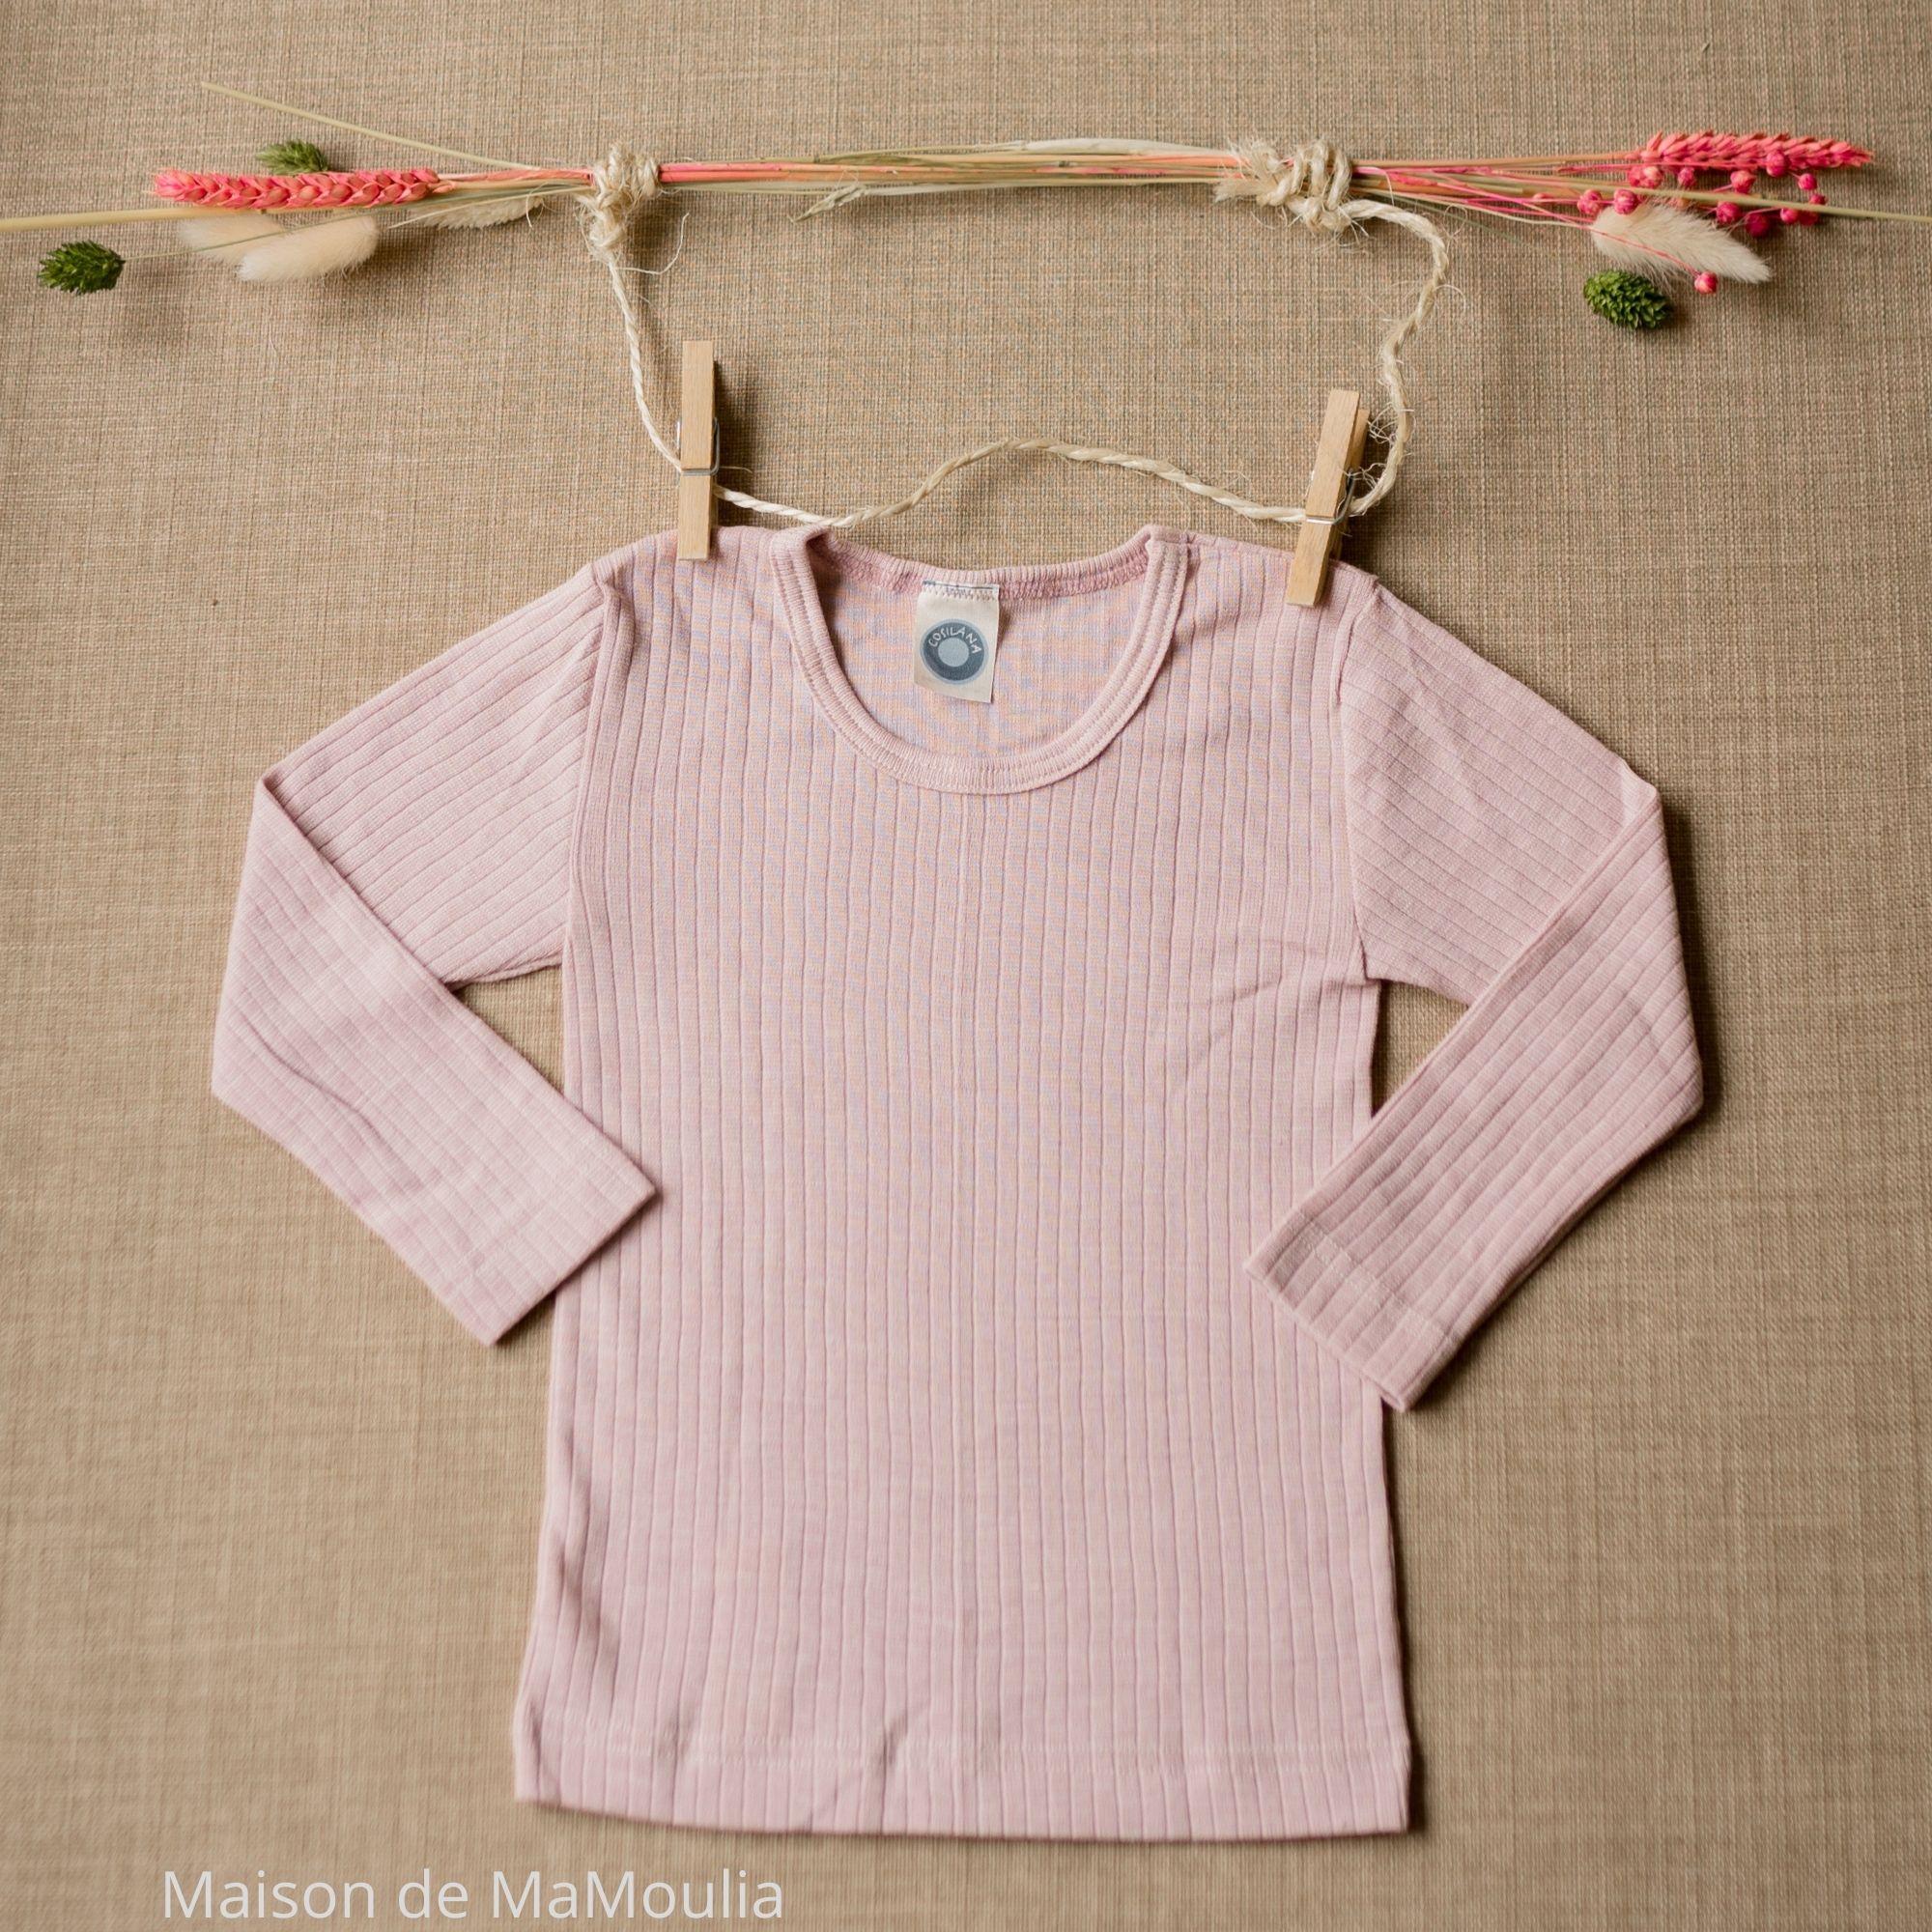 COSILANA - T-shirt manches longues - Laine/Soie/Coton bio, Rose